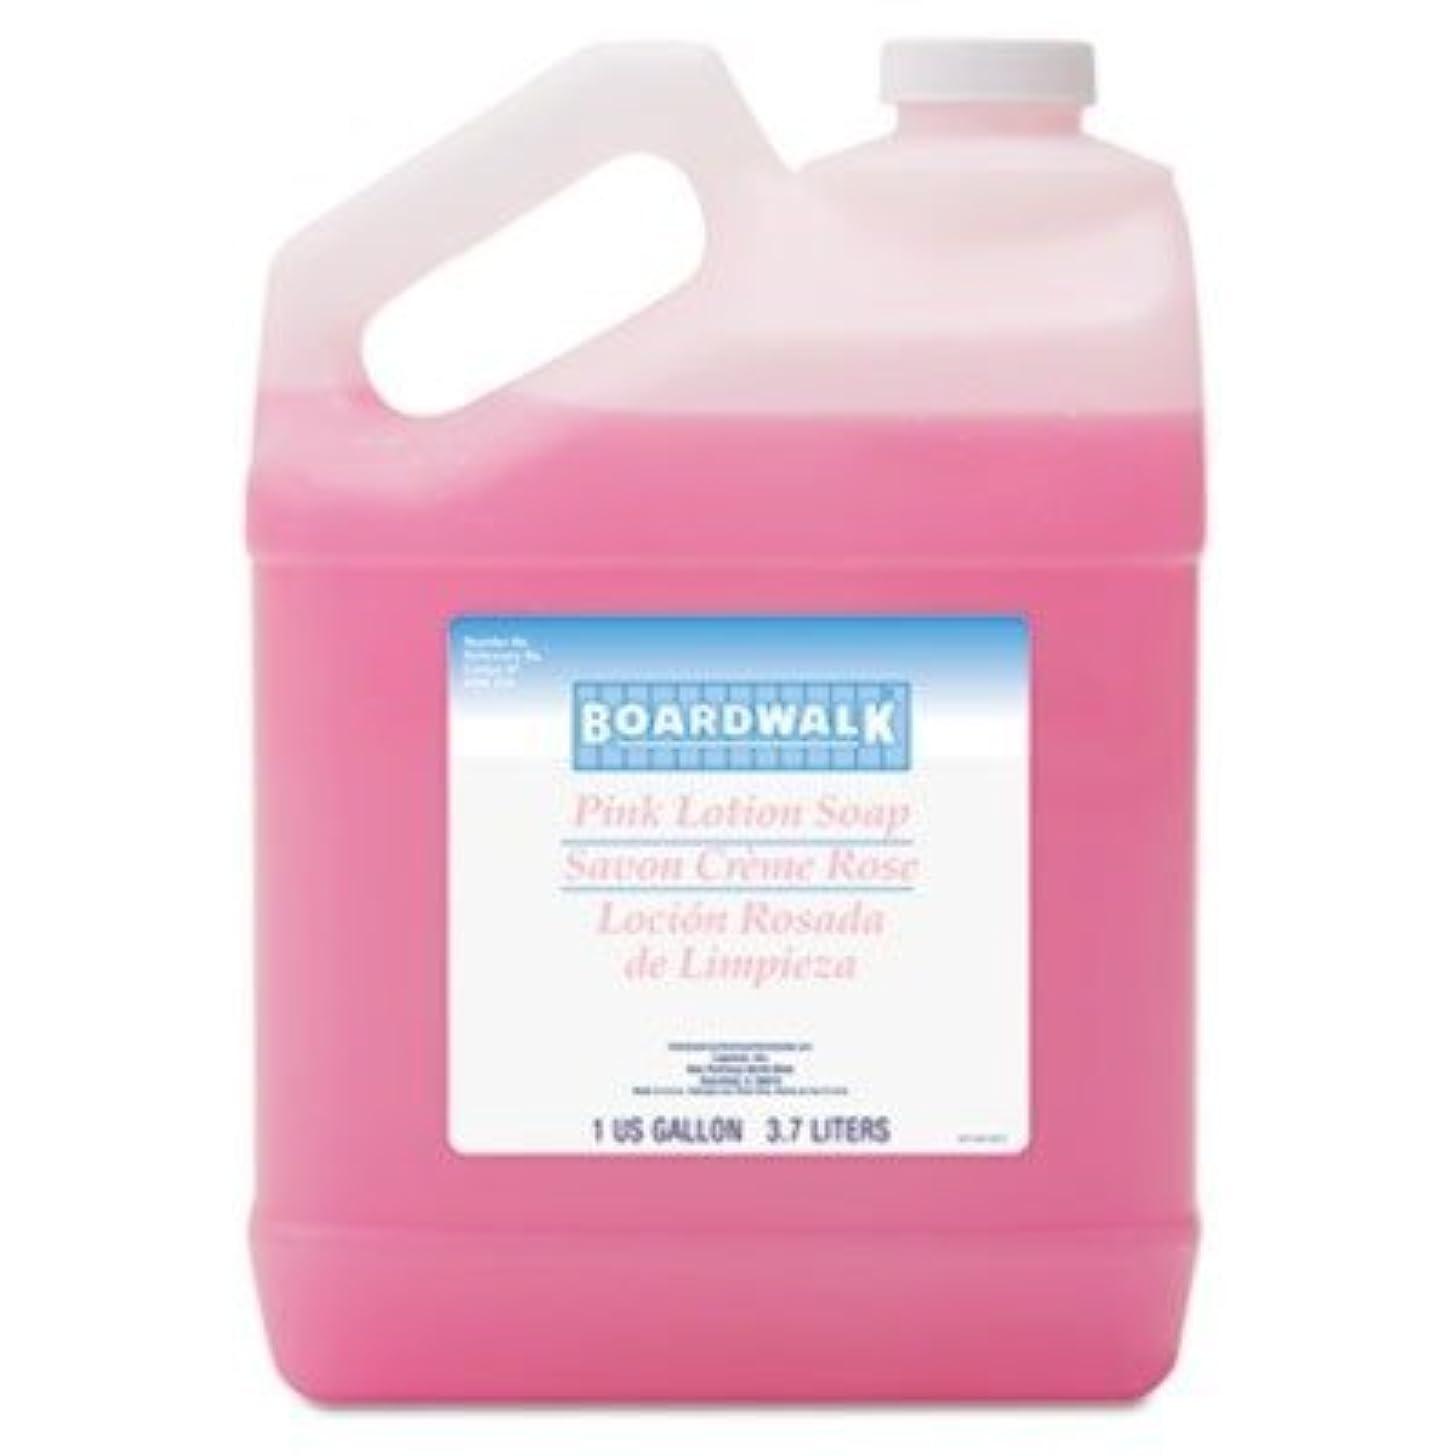 学んだ連続したむちゃくちゃbwk410 – Mild Cleansing Lotion Soap、LTピンク花柄香り、液体、1ガロンボトル